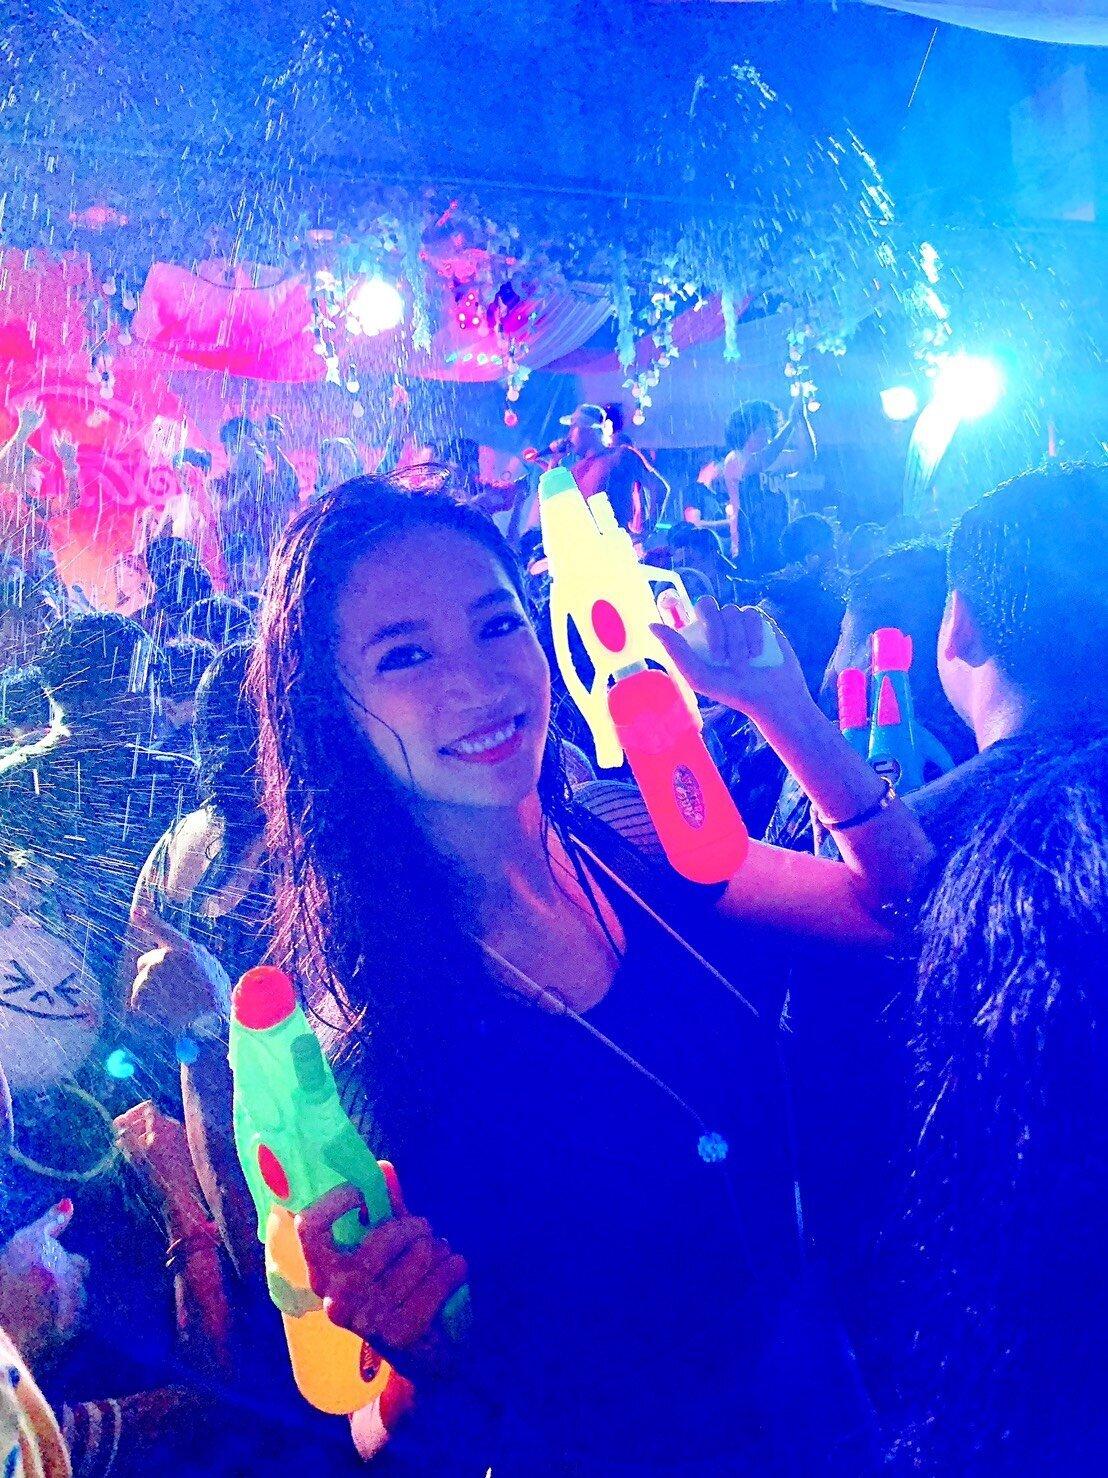 ▲意外遇上當地的潑水節,林采緹和姊姊乾脆買了水槍,入境隨俗跟著慶祝。